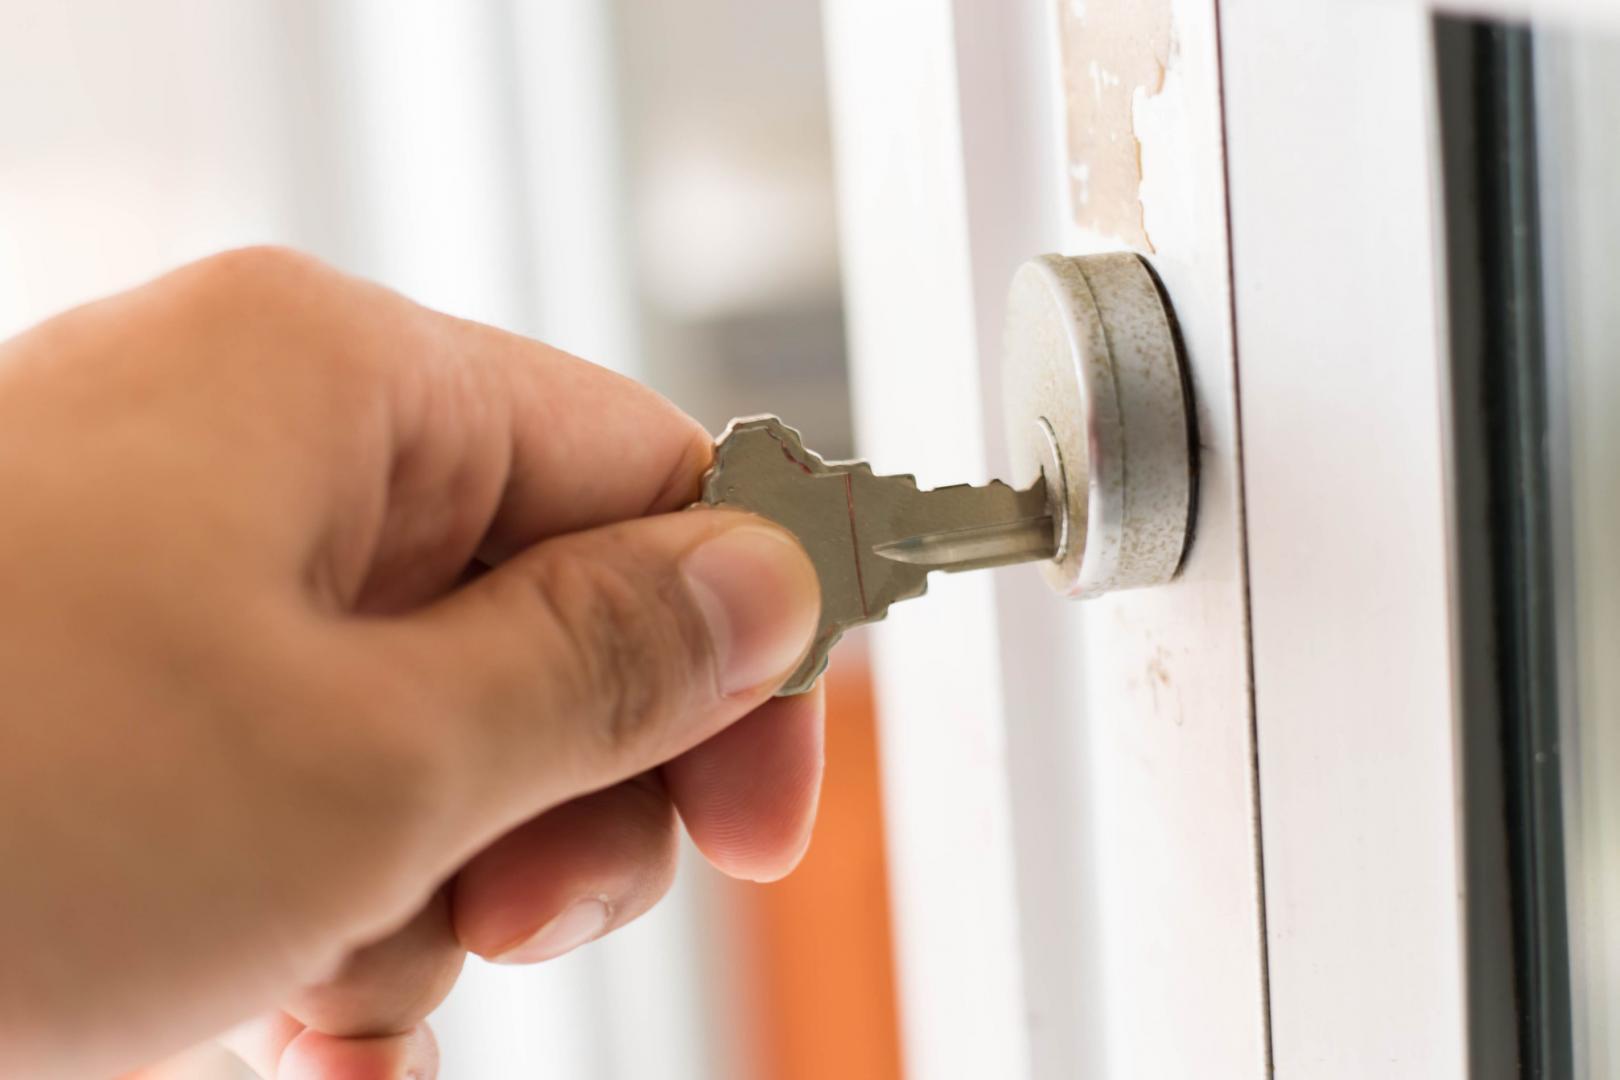 Comment enlever une clé cassée de votre serrure?